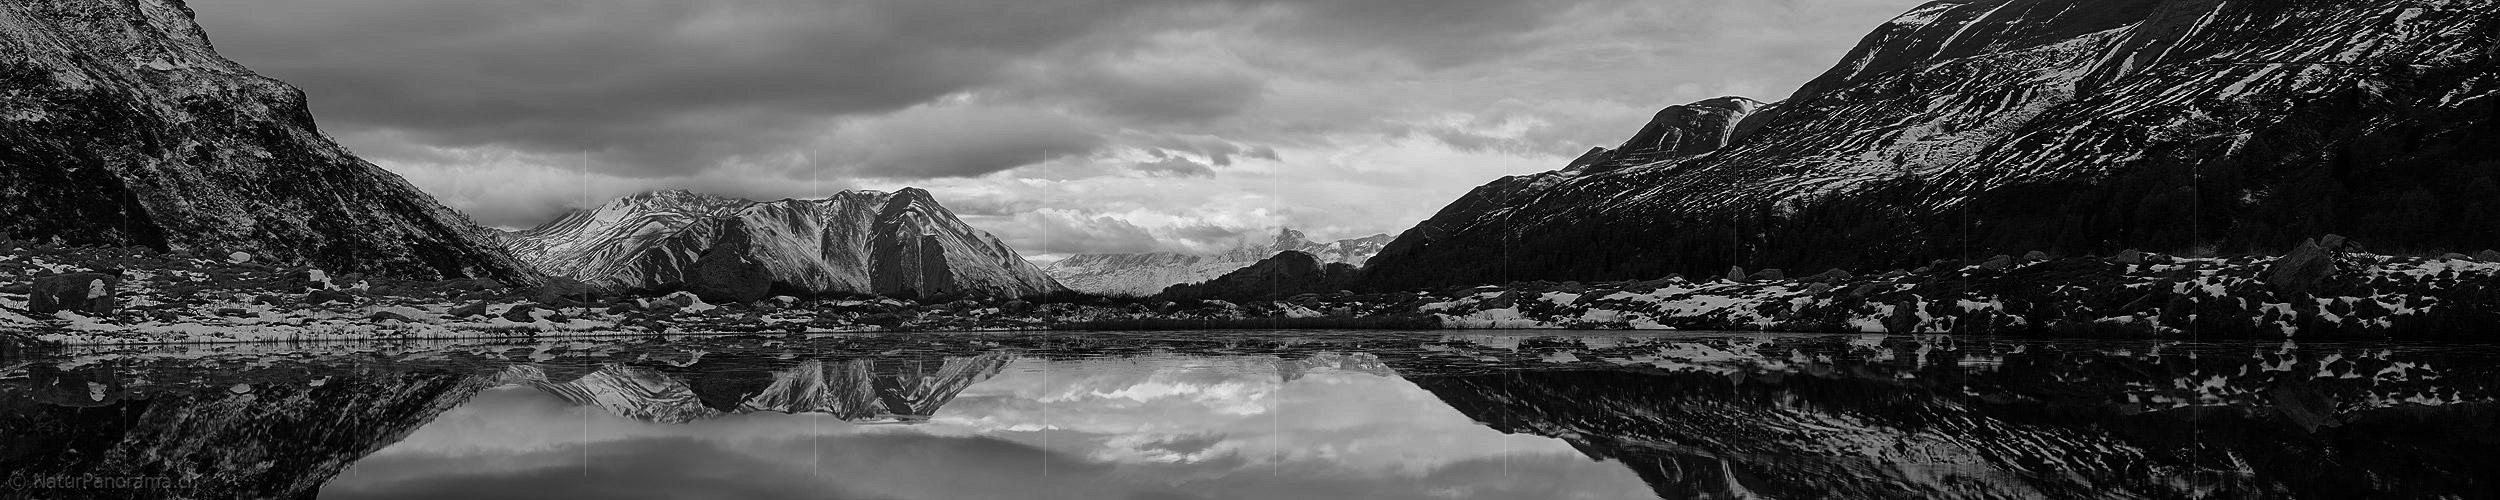 Naturpanorama ch black white variants for panorama photo p015256b